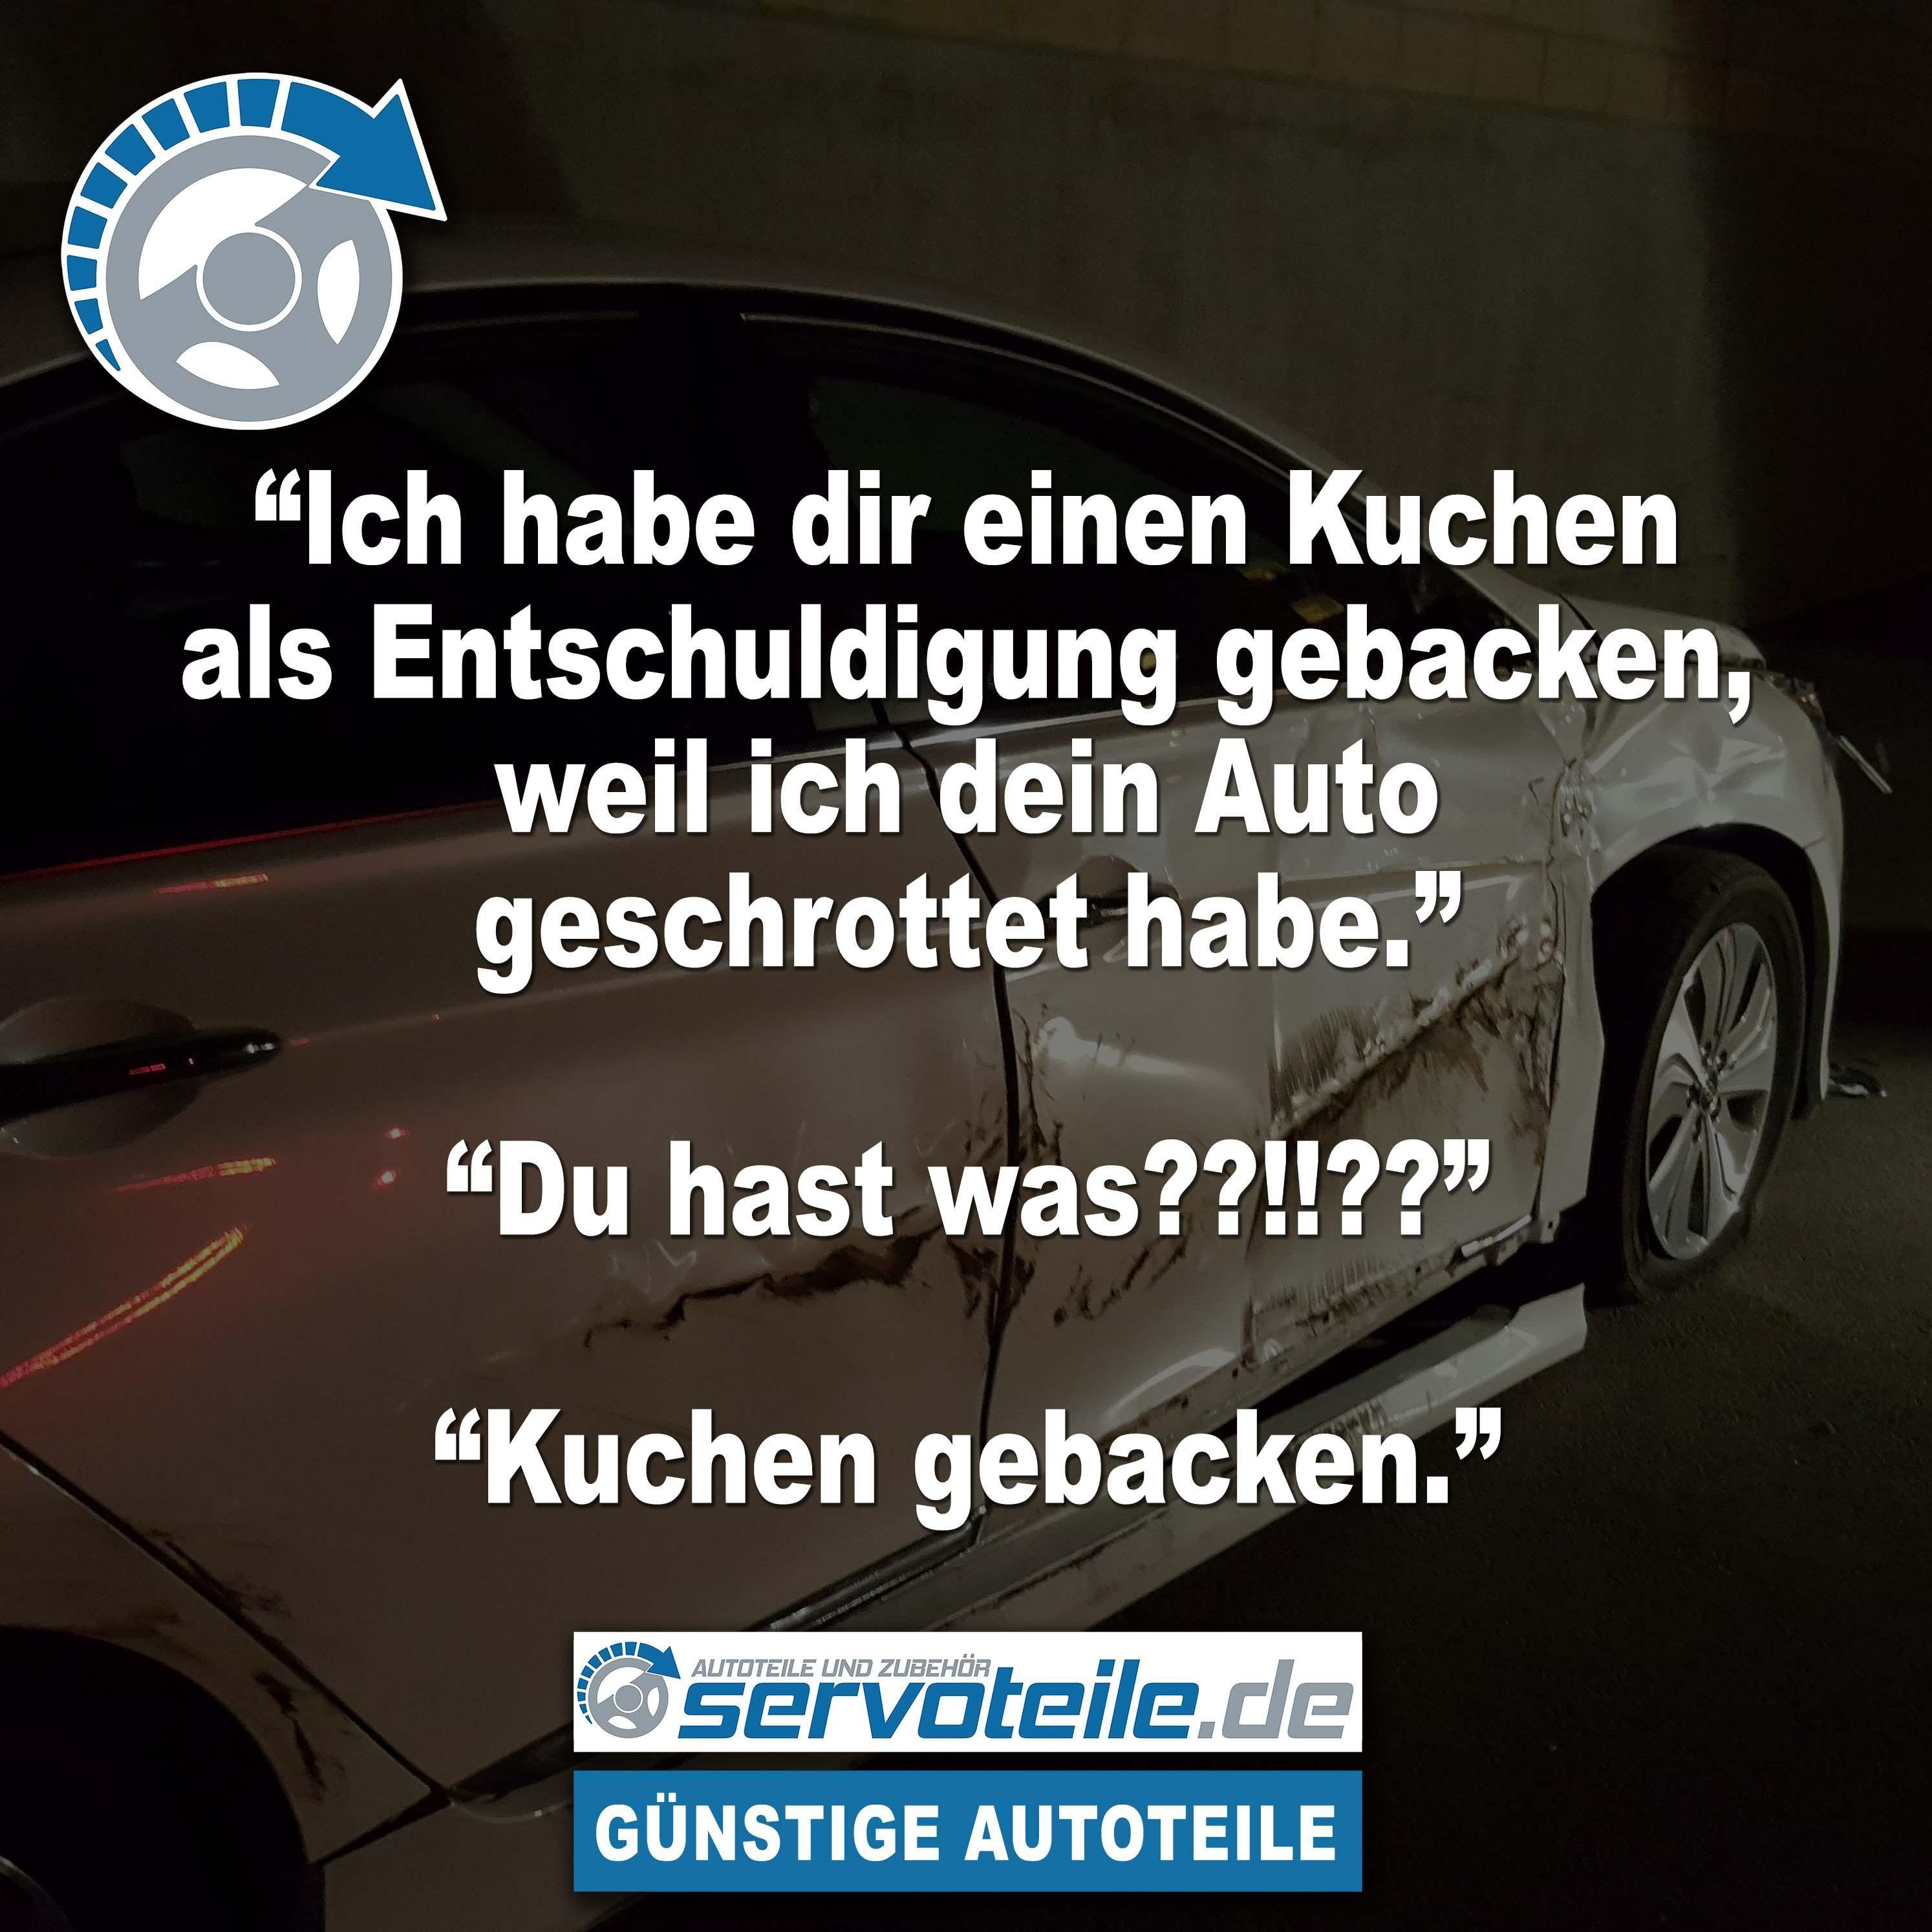 kuchen #entschuldigung #backen #Auto #schrott #schockfürsleben #fun ...